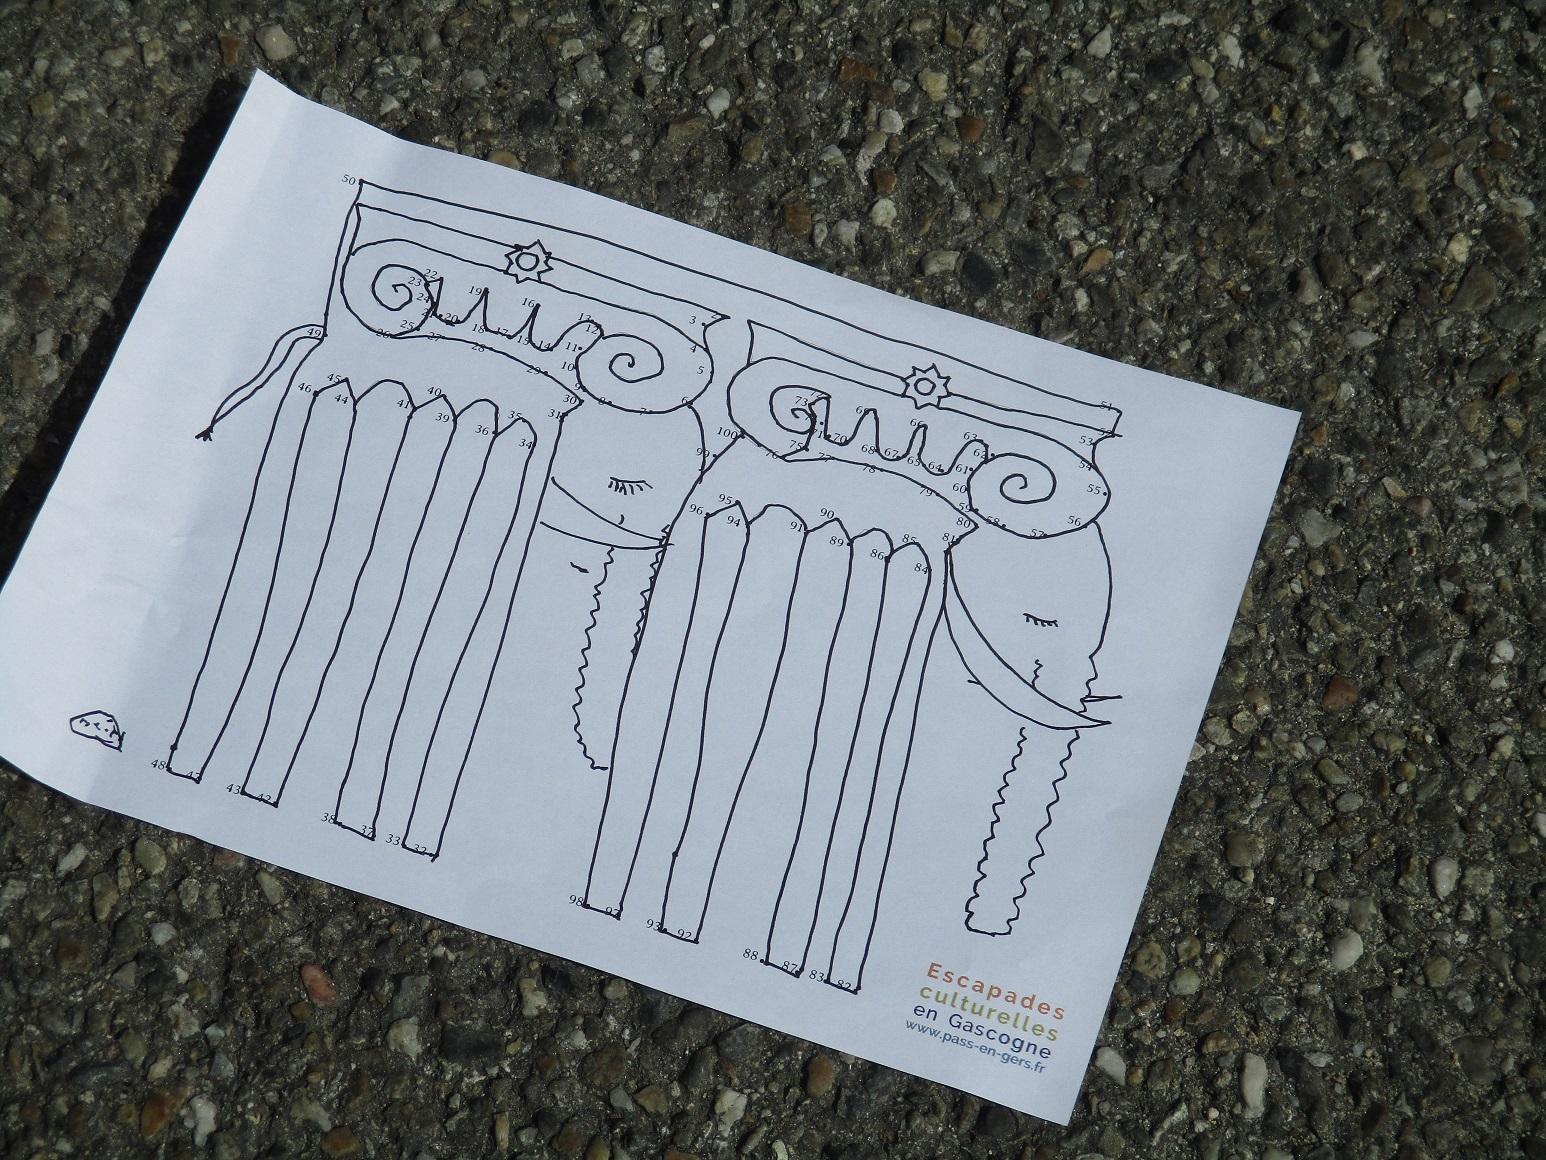 Réinterprétation des colonnes corinthiennes de l'hôtel de Polignac à Condom en éléphants.